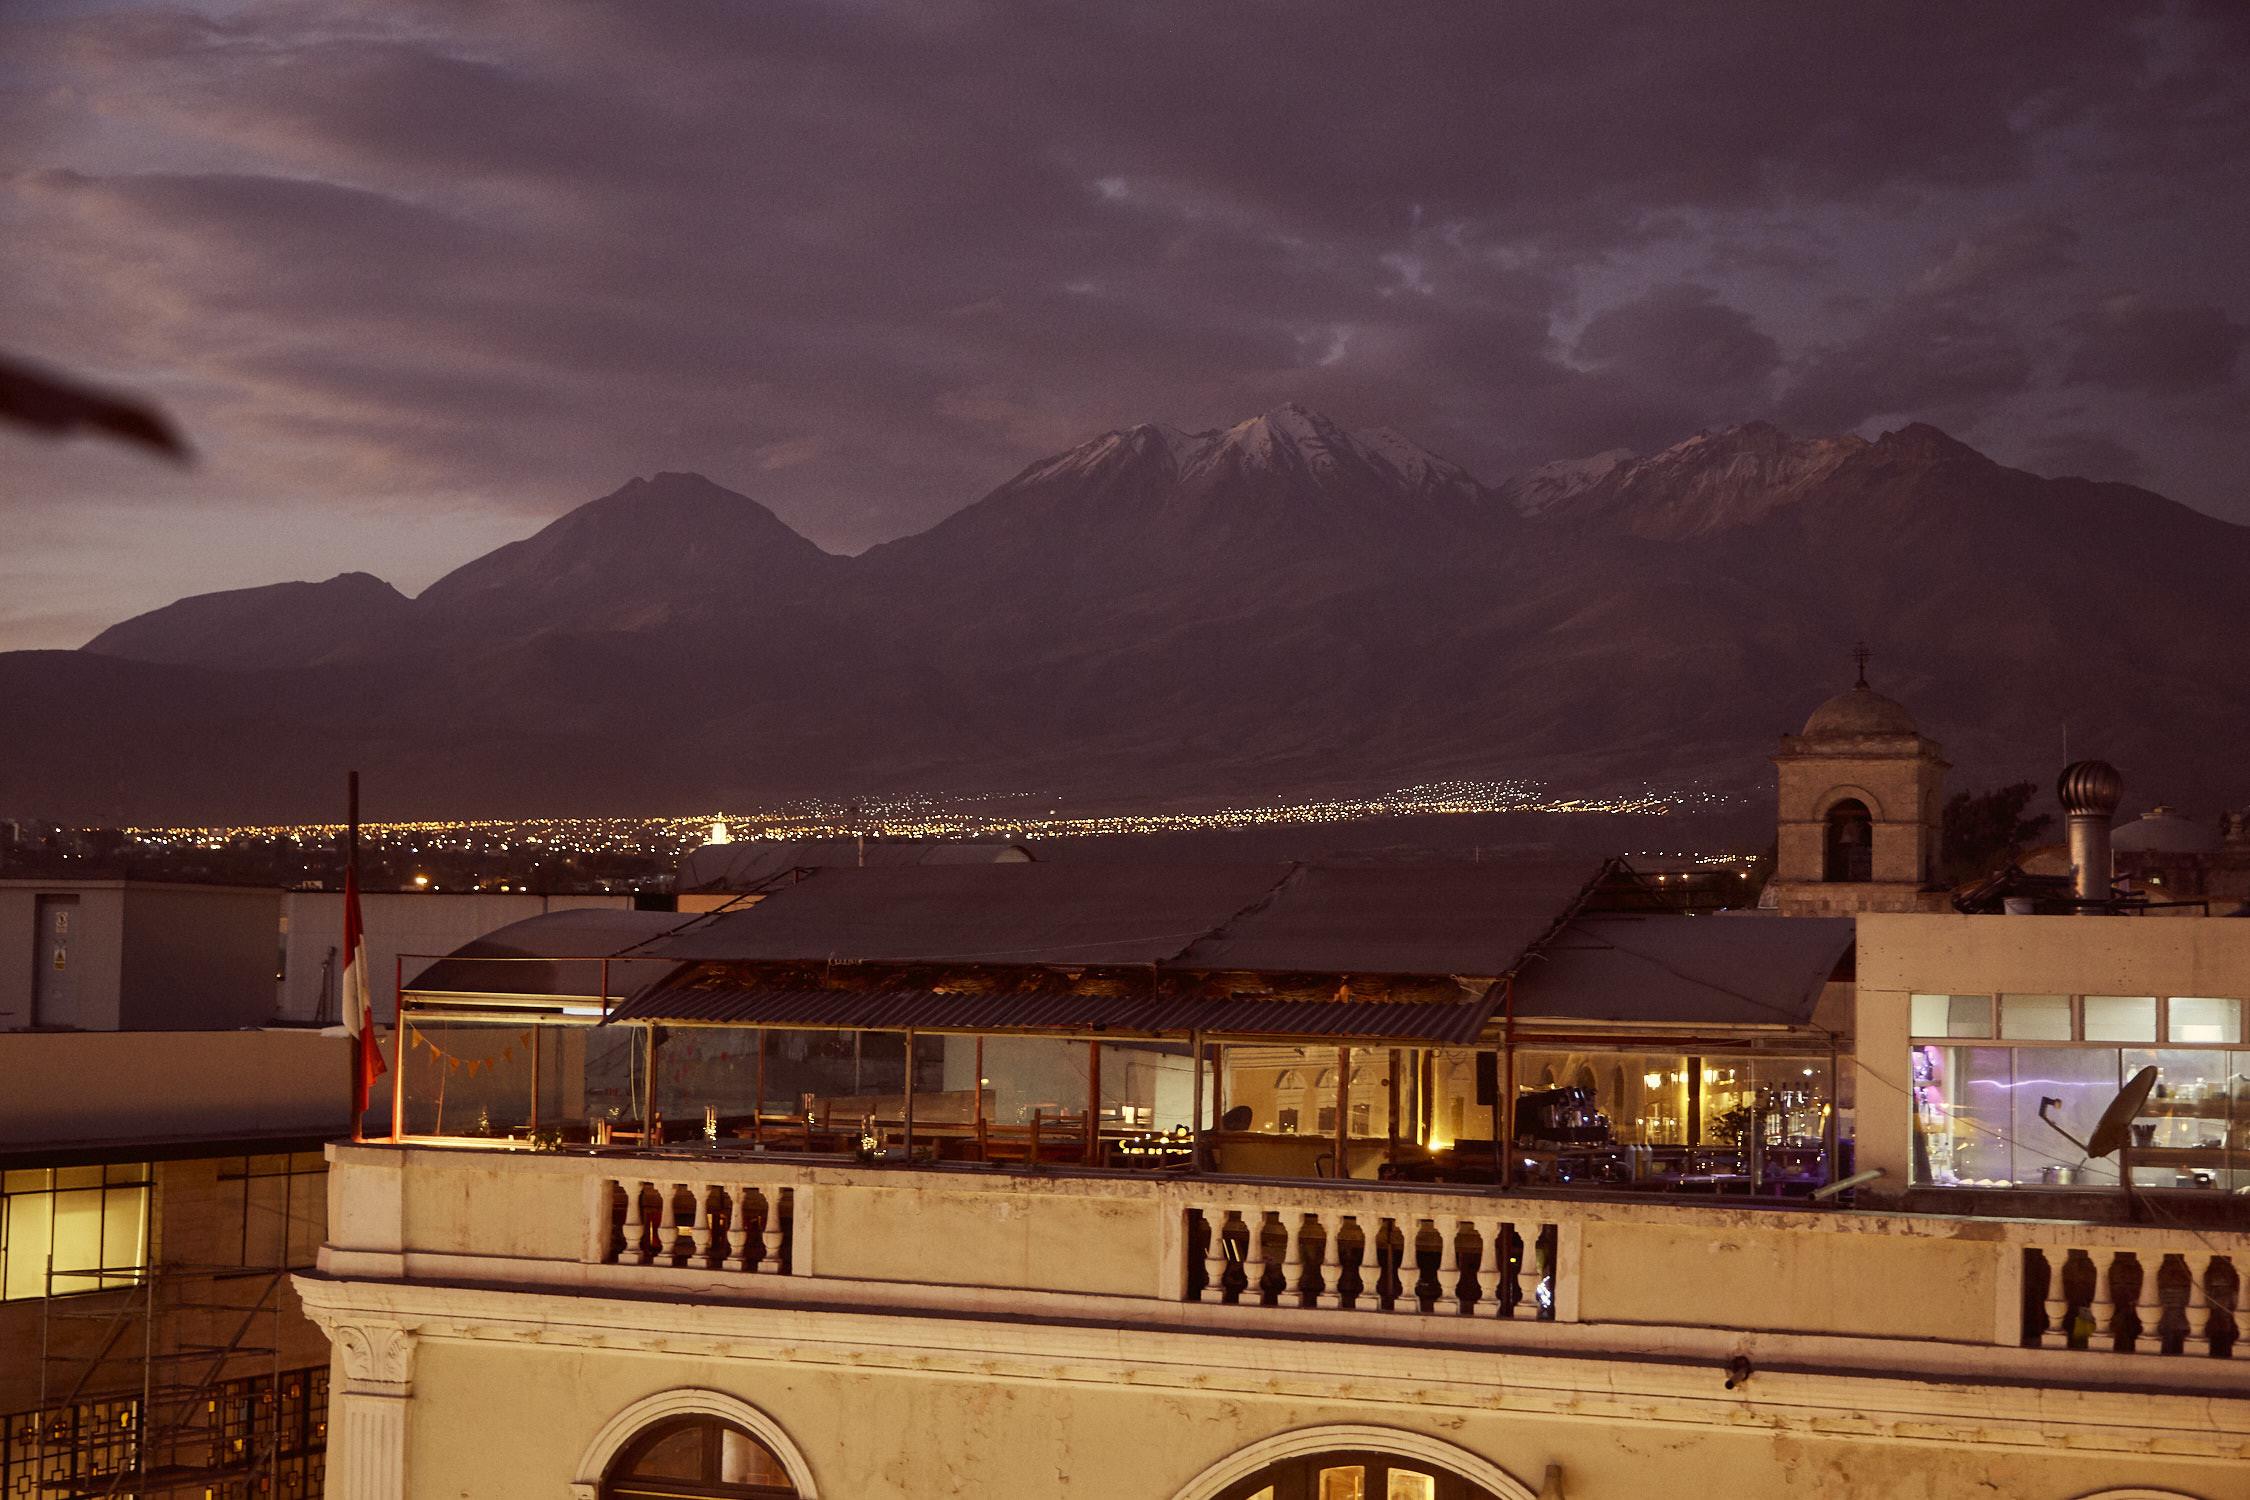 Ausblick auf den El Misti Vulkan von der Rooftop Bar in Arequipa aus